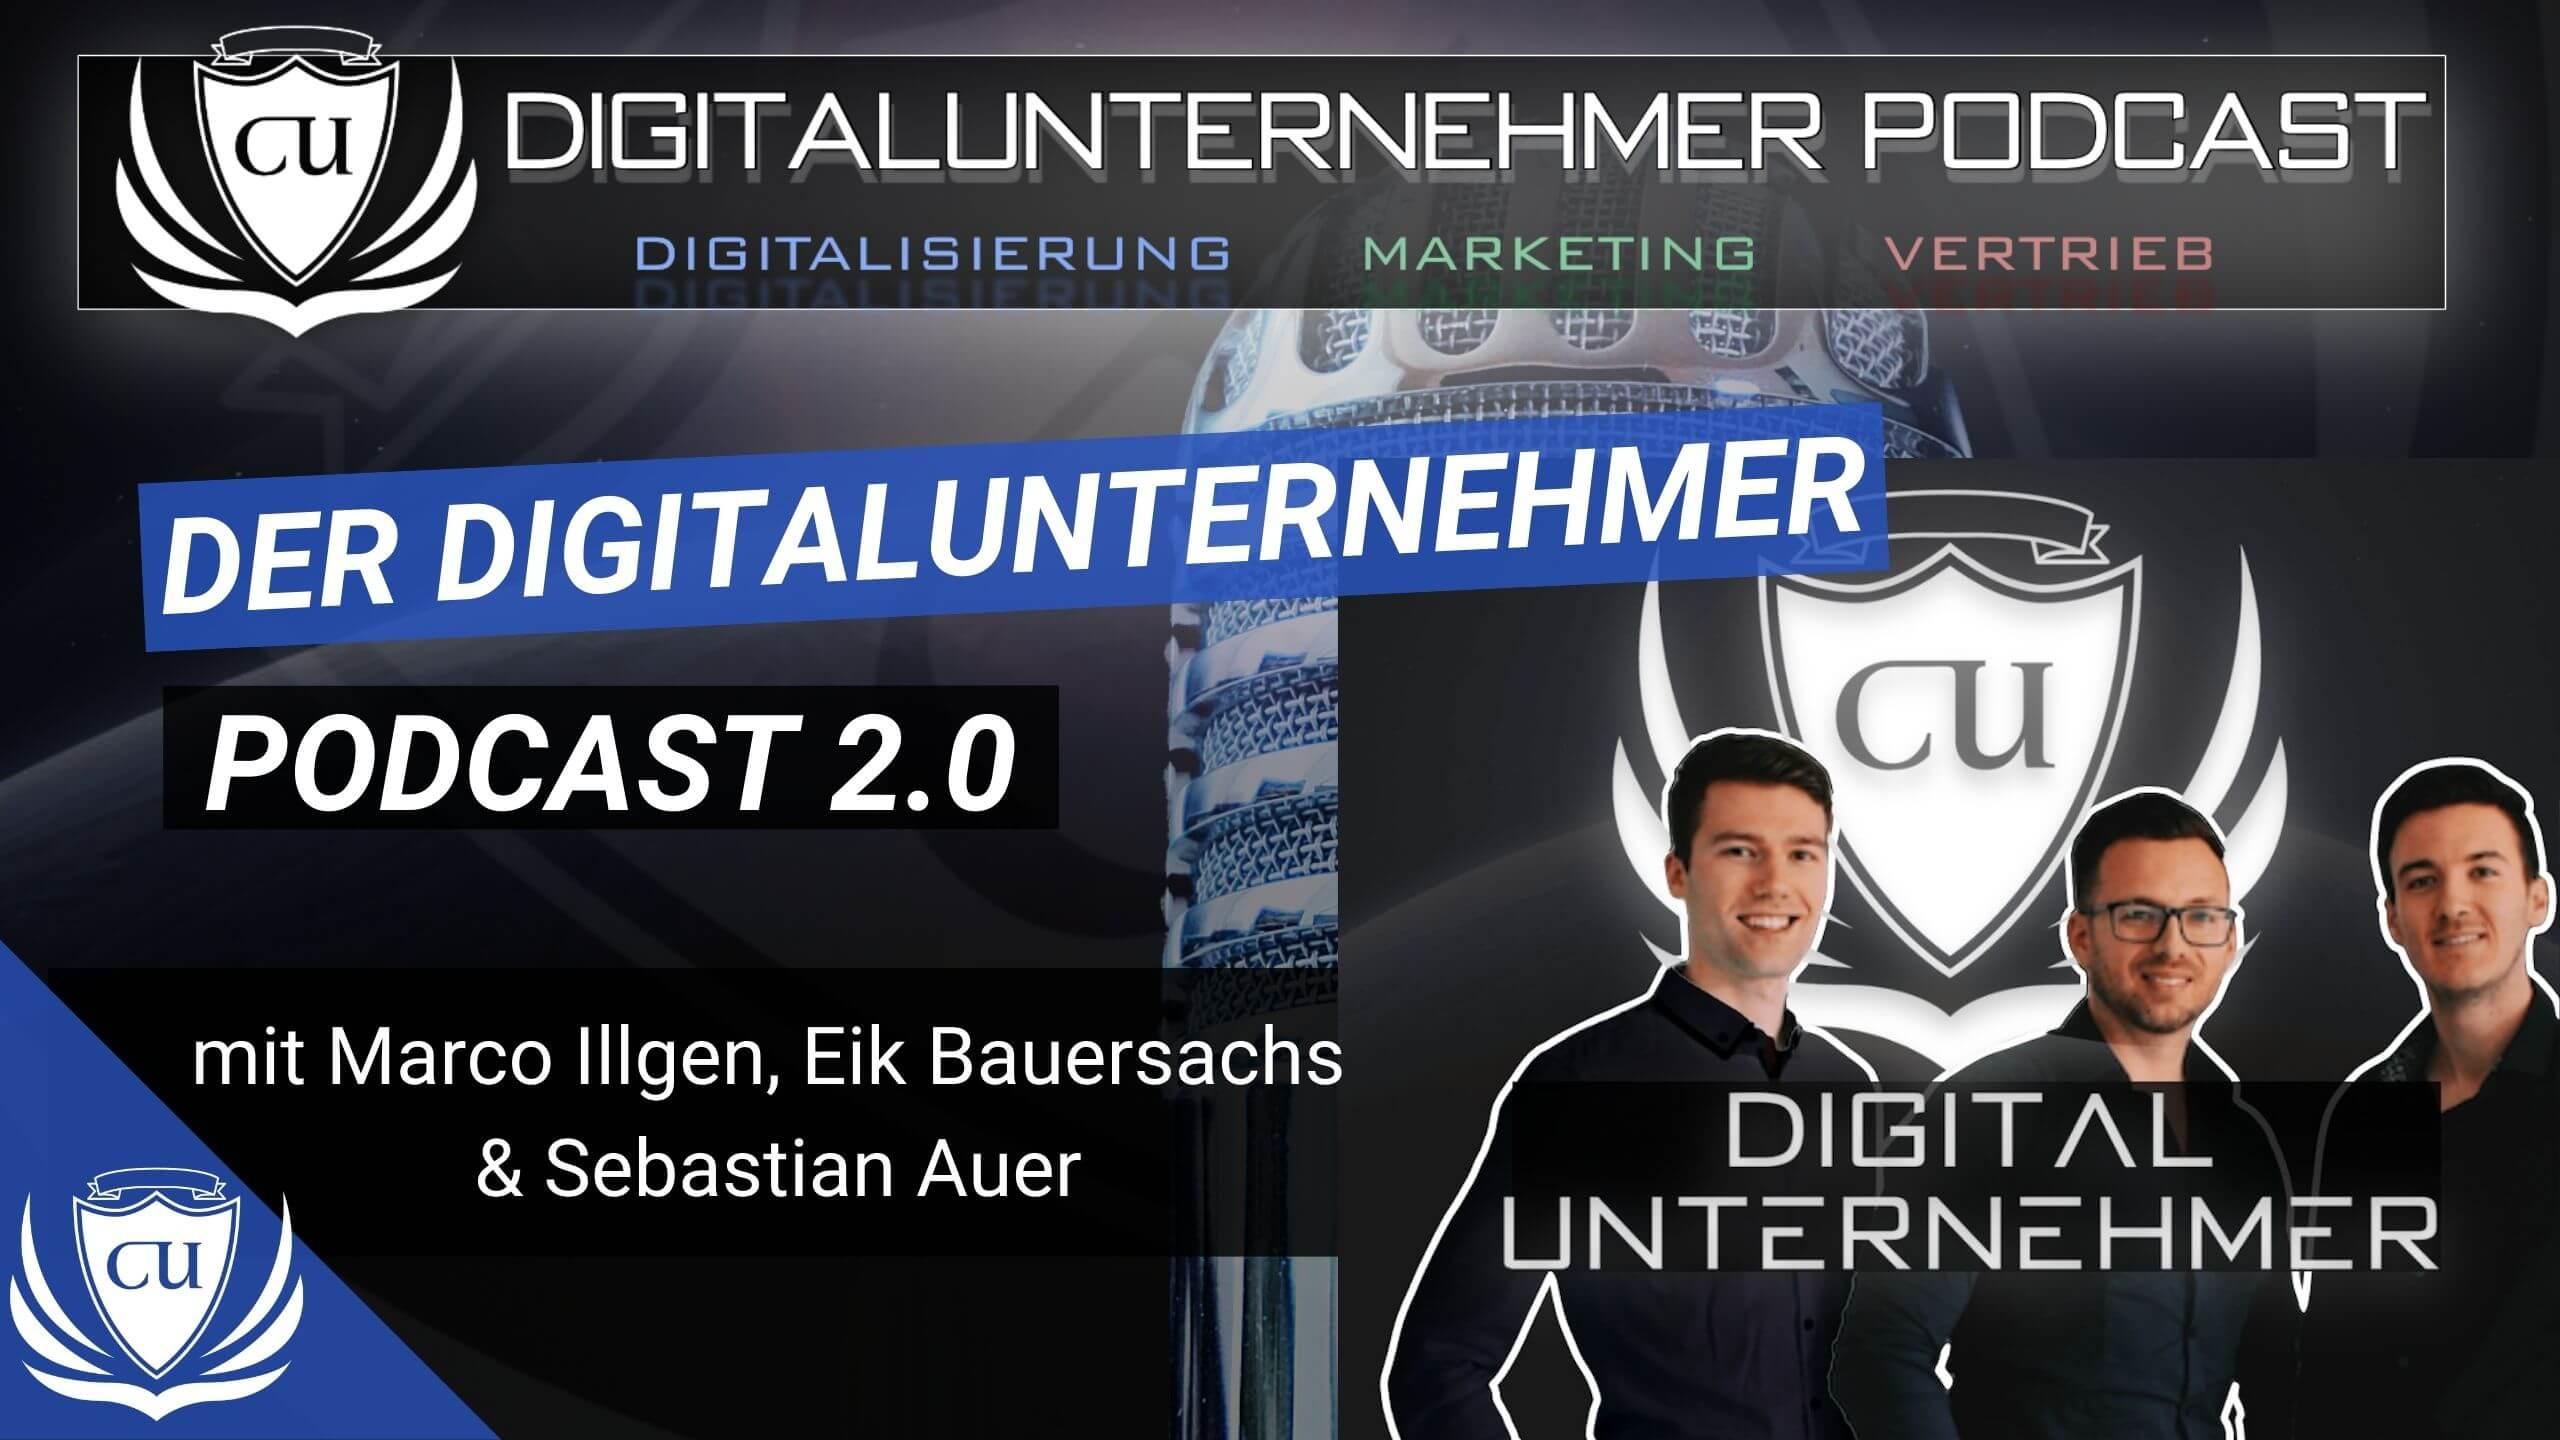 Der neue Digitalunternehmer Podcast 2.0 + 12.000€ Gewinnspiel